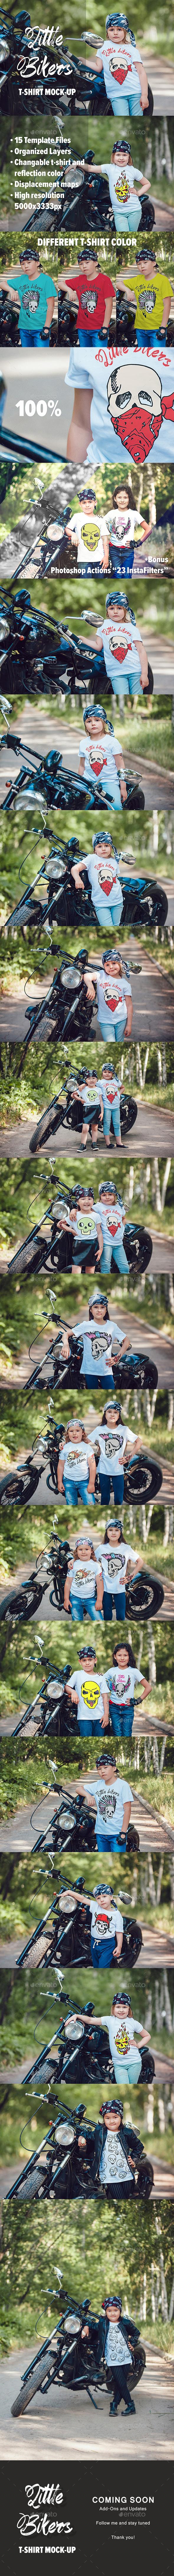 Little Bikers T-Shirt Mock-Up